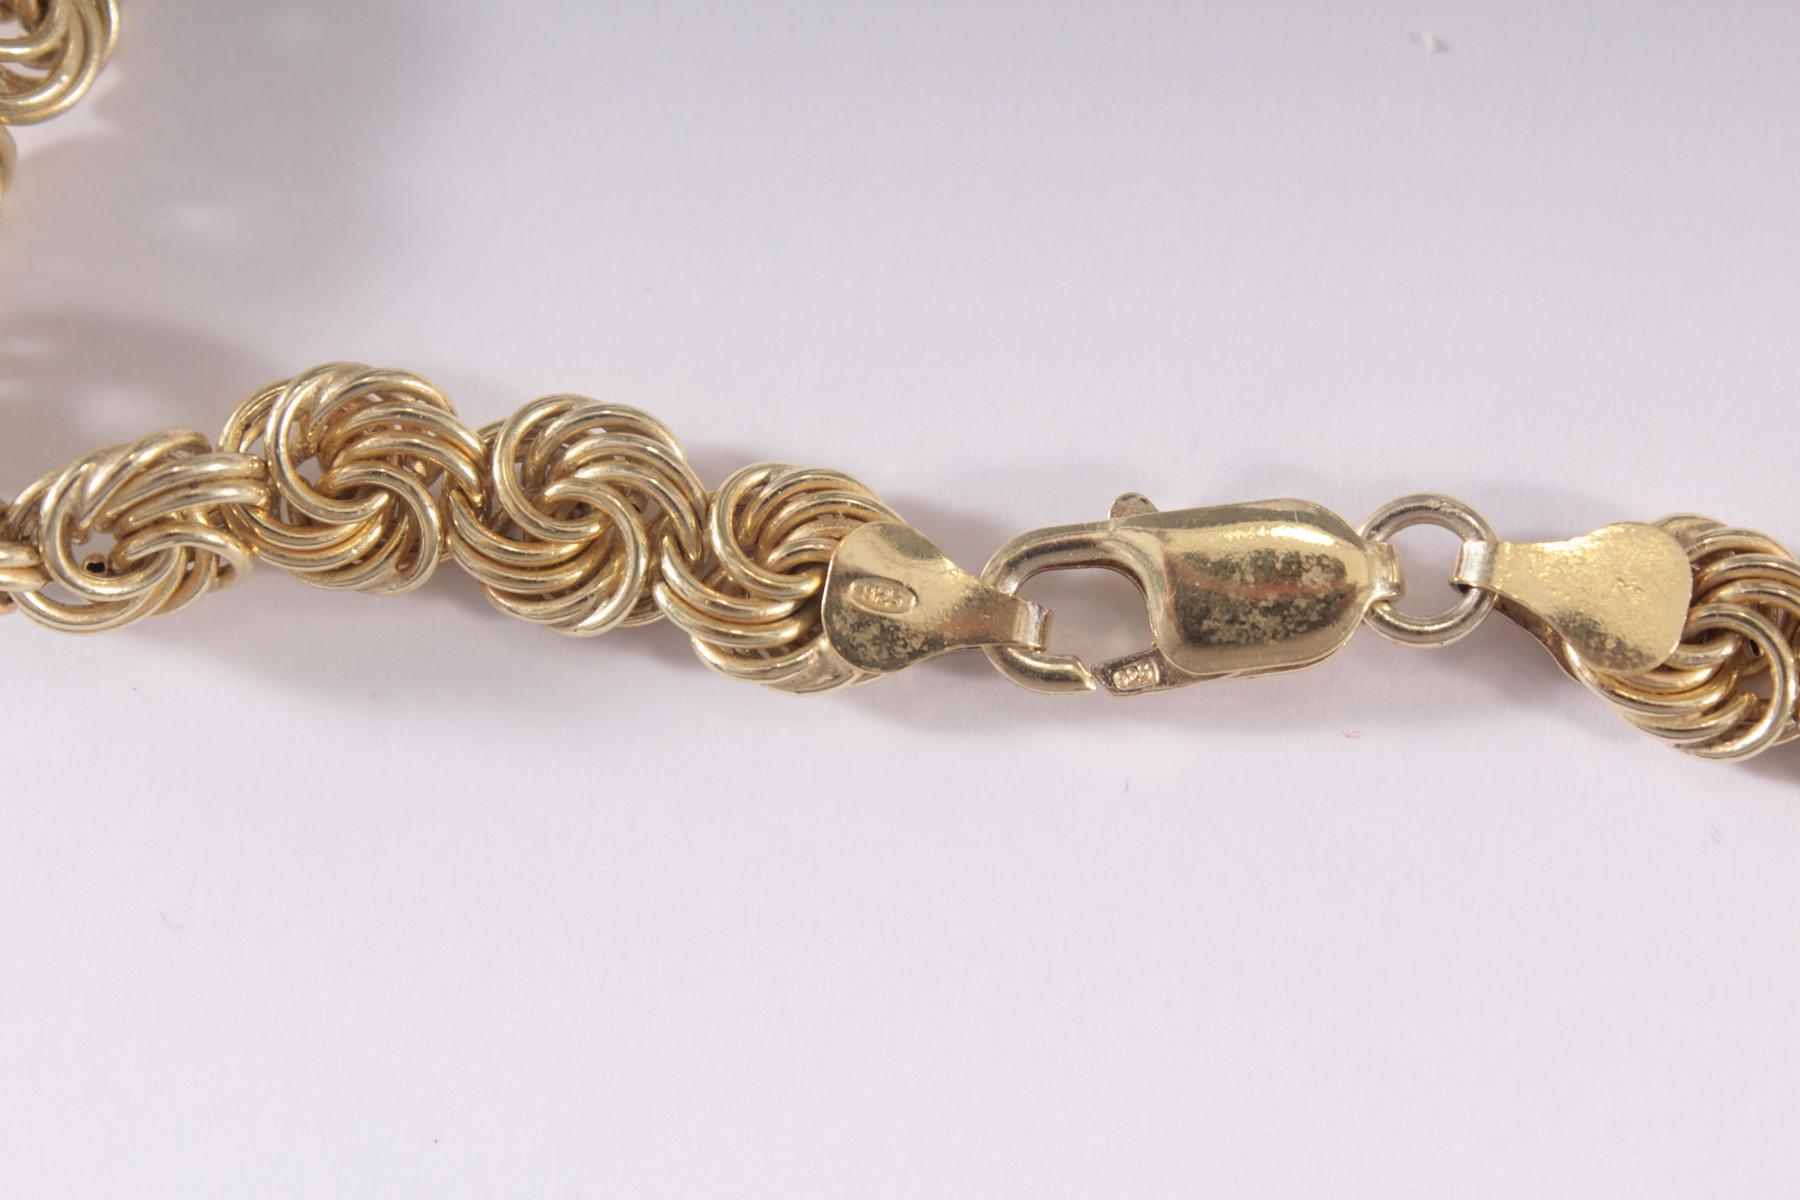 Collier aus 925er Sterlingsilber vergoldet-3